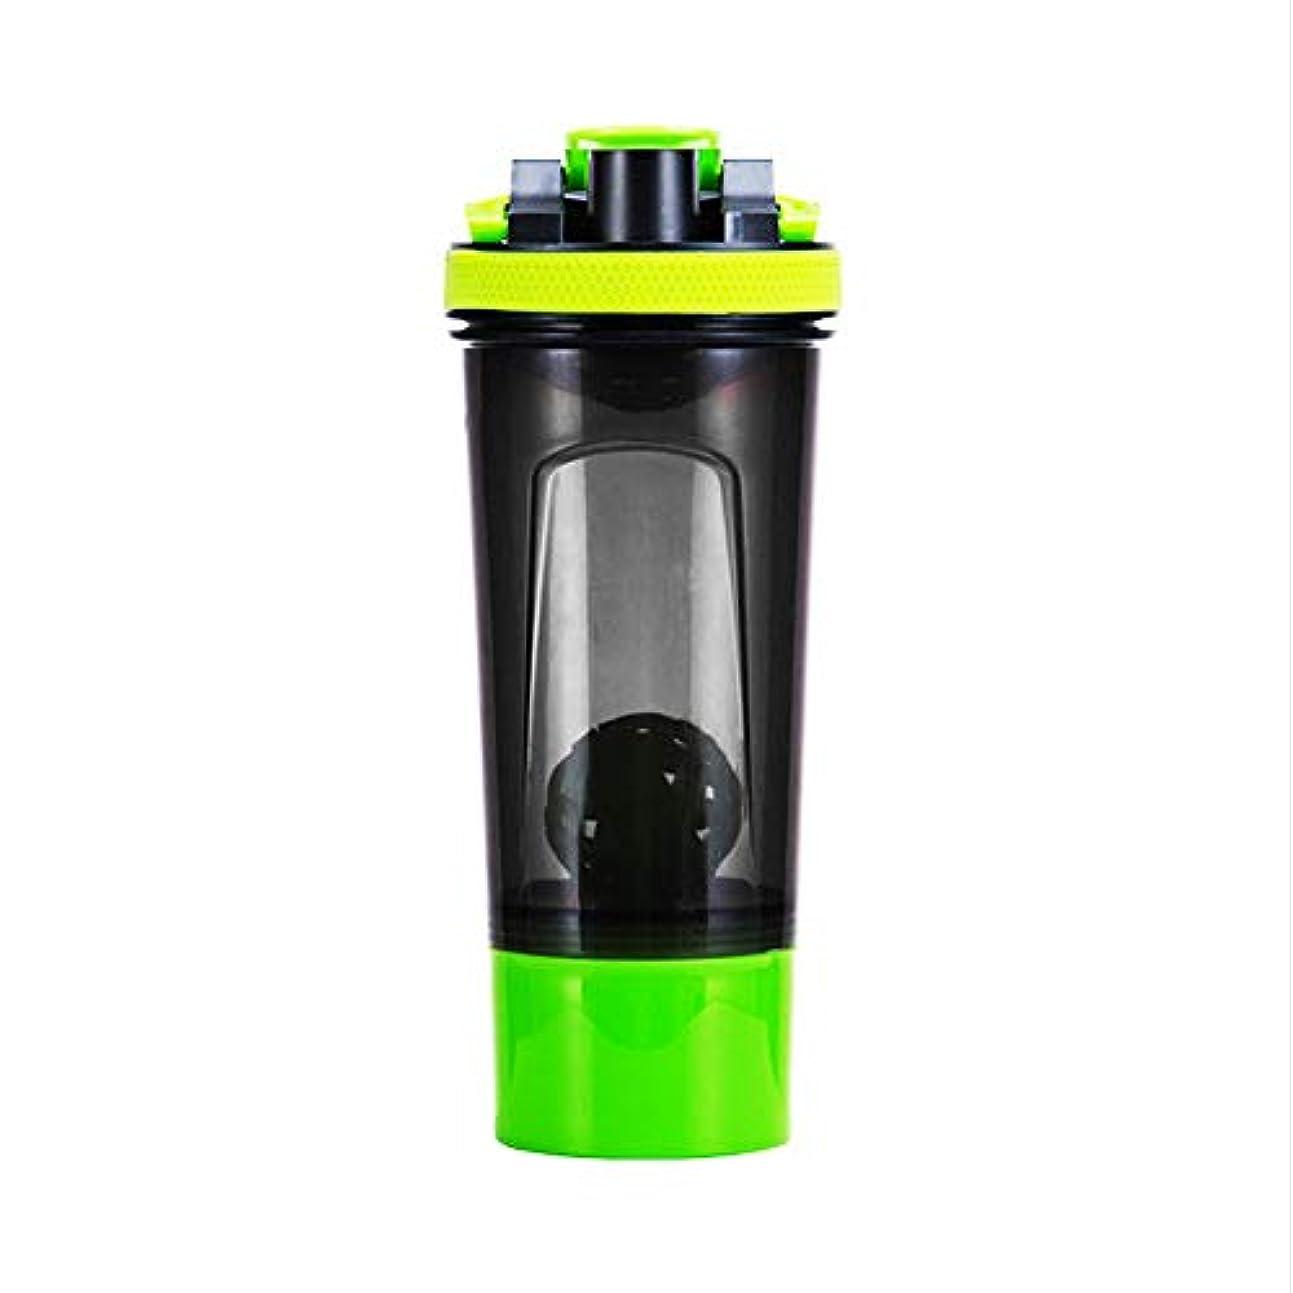 月曜日後方に図書館Quner プロテインシェイカー ボトル 水筒 700ml シェーカーボトル スポーツボトル 目盛り 3層 プラスチック フィットネス ダイエット コンテナ付き サプリケース